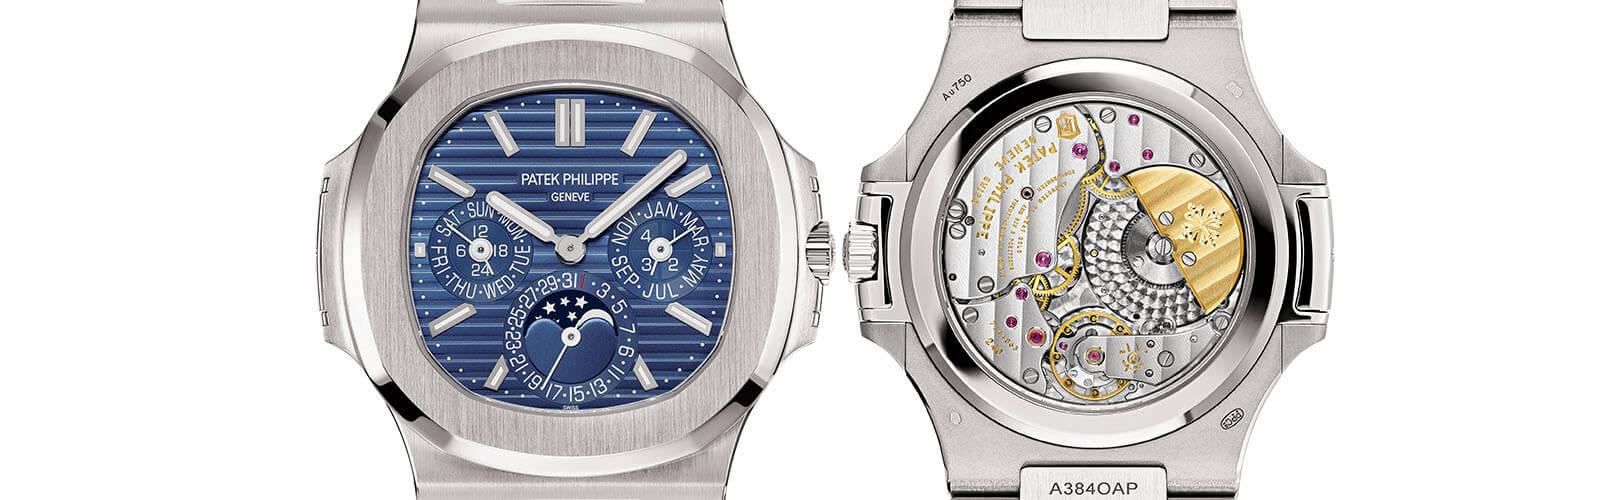 Patek Philippe Nautilus Ref 5740